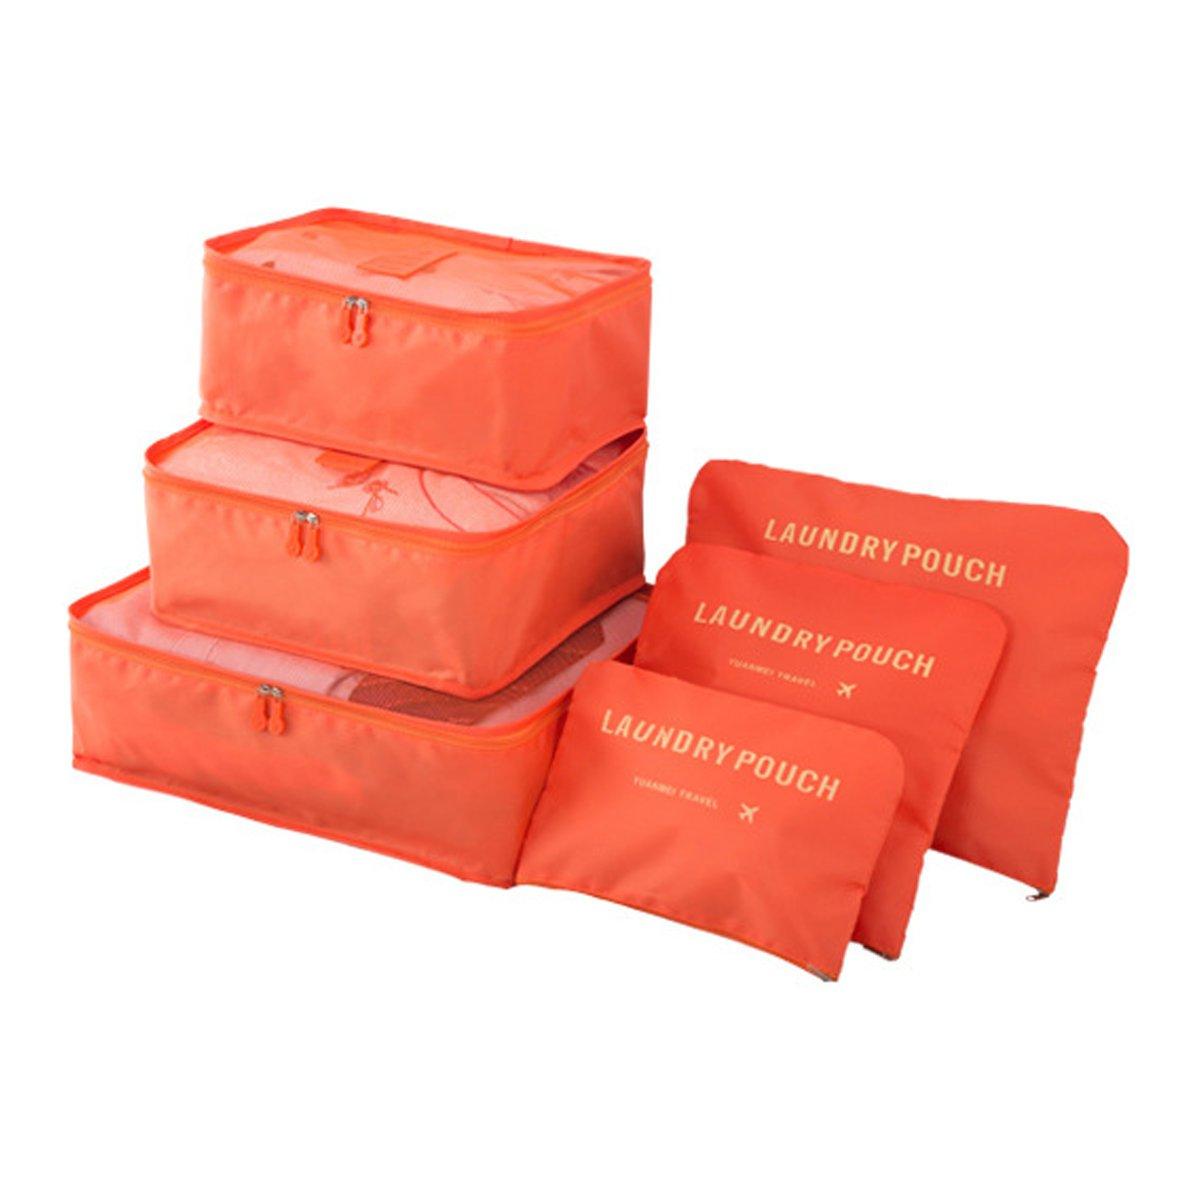 3 Pochettes Vin Rouge Organisateurs de Voyage Imperm/éables EASEHOME 6 Pcs Organisateur Valise Sacs de Rangement Nylon Organiseurs de Bagage pour des V/êtements Cosm/étiques Chaussures 3 Cubes